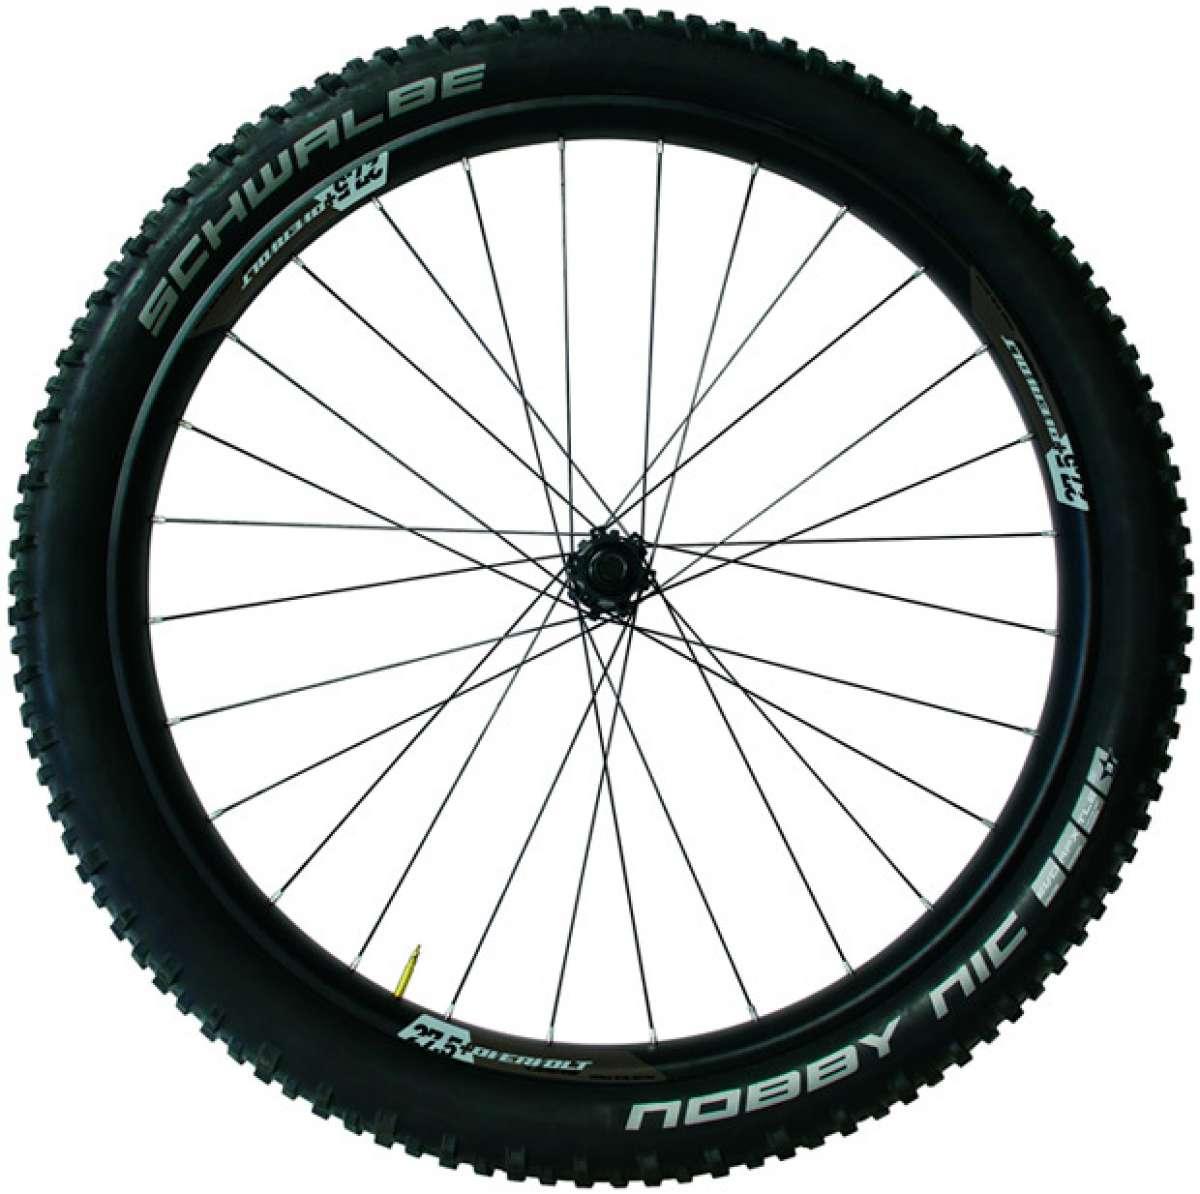 Para estrenarse con las ruedas gordas: pack de ruedas 27.5+ de Lapierre a precio irresistible